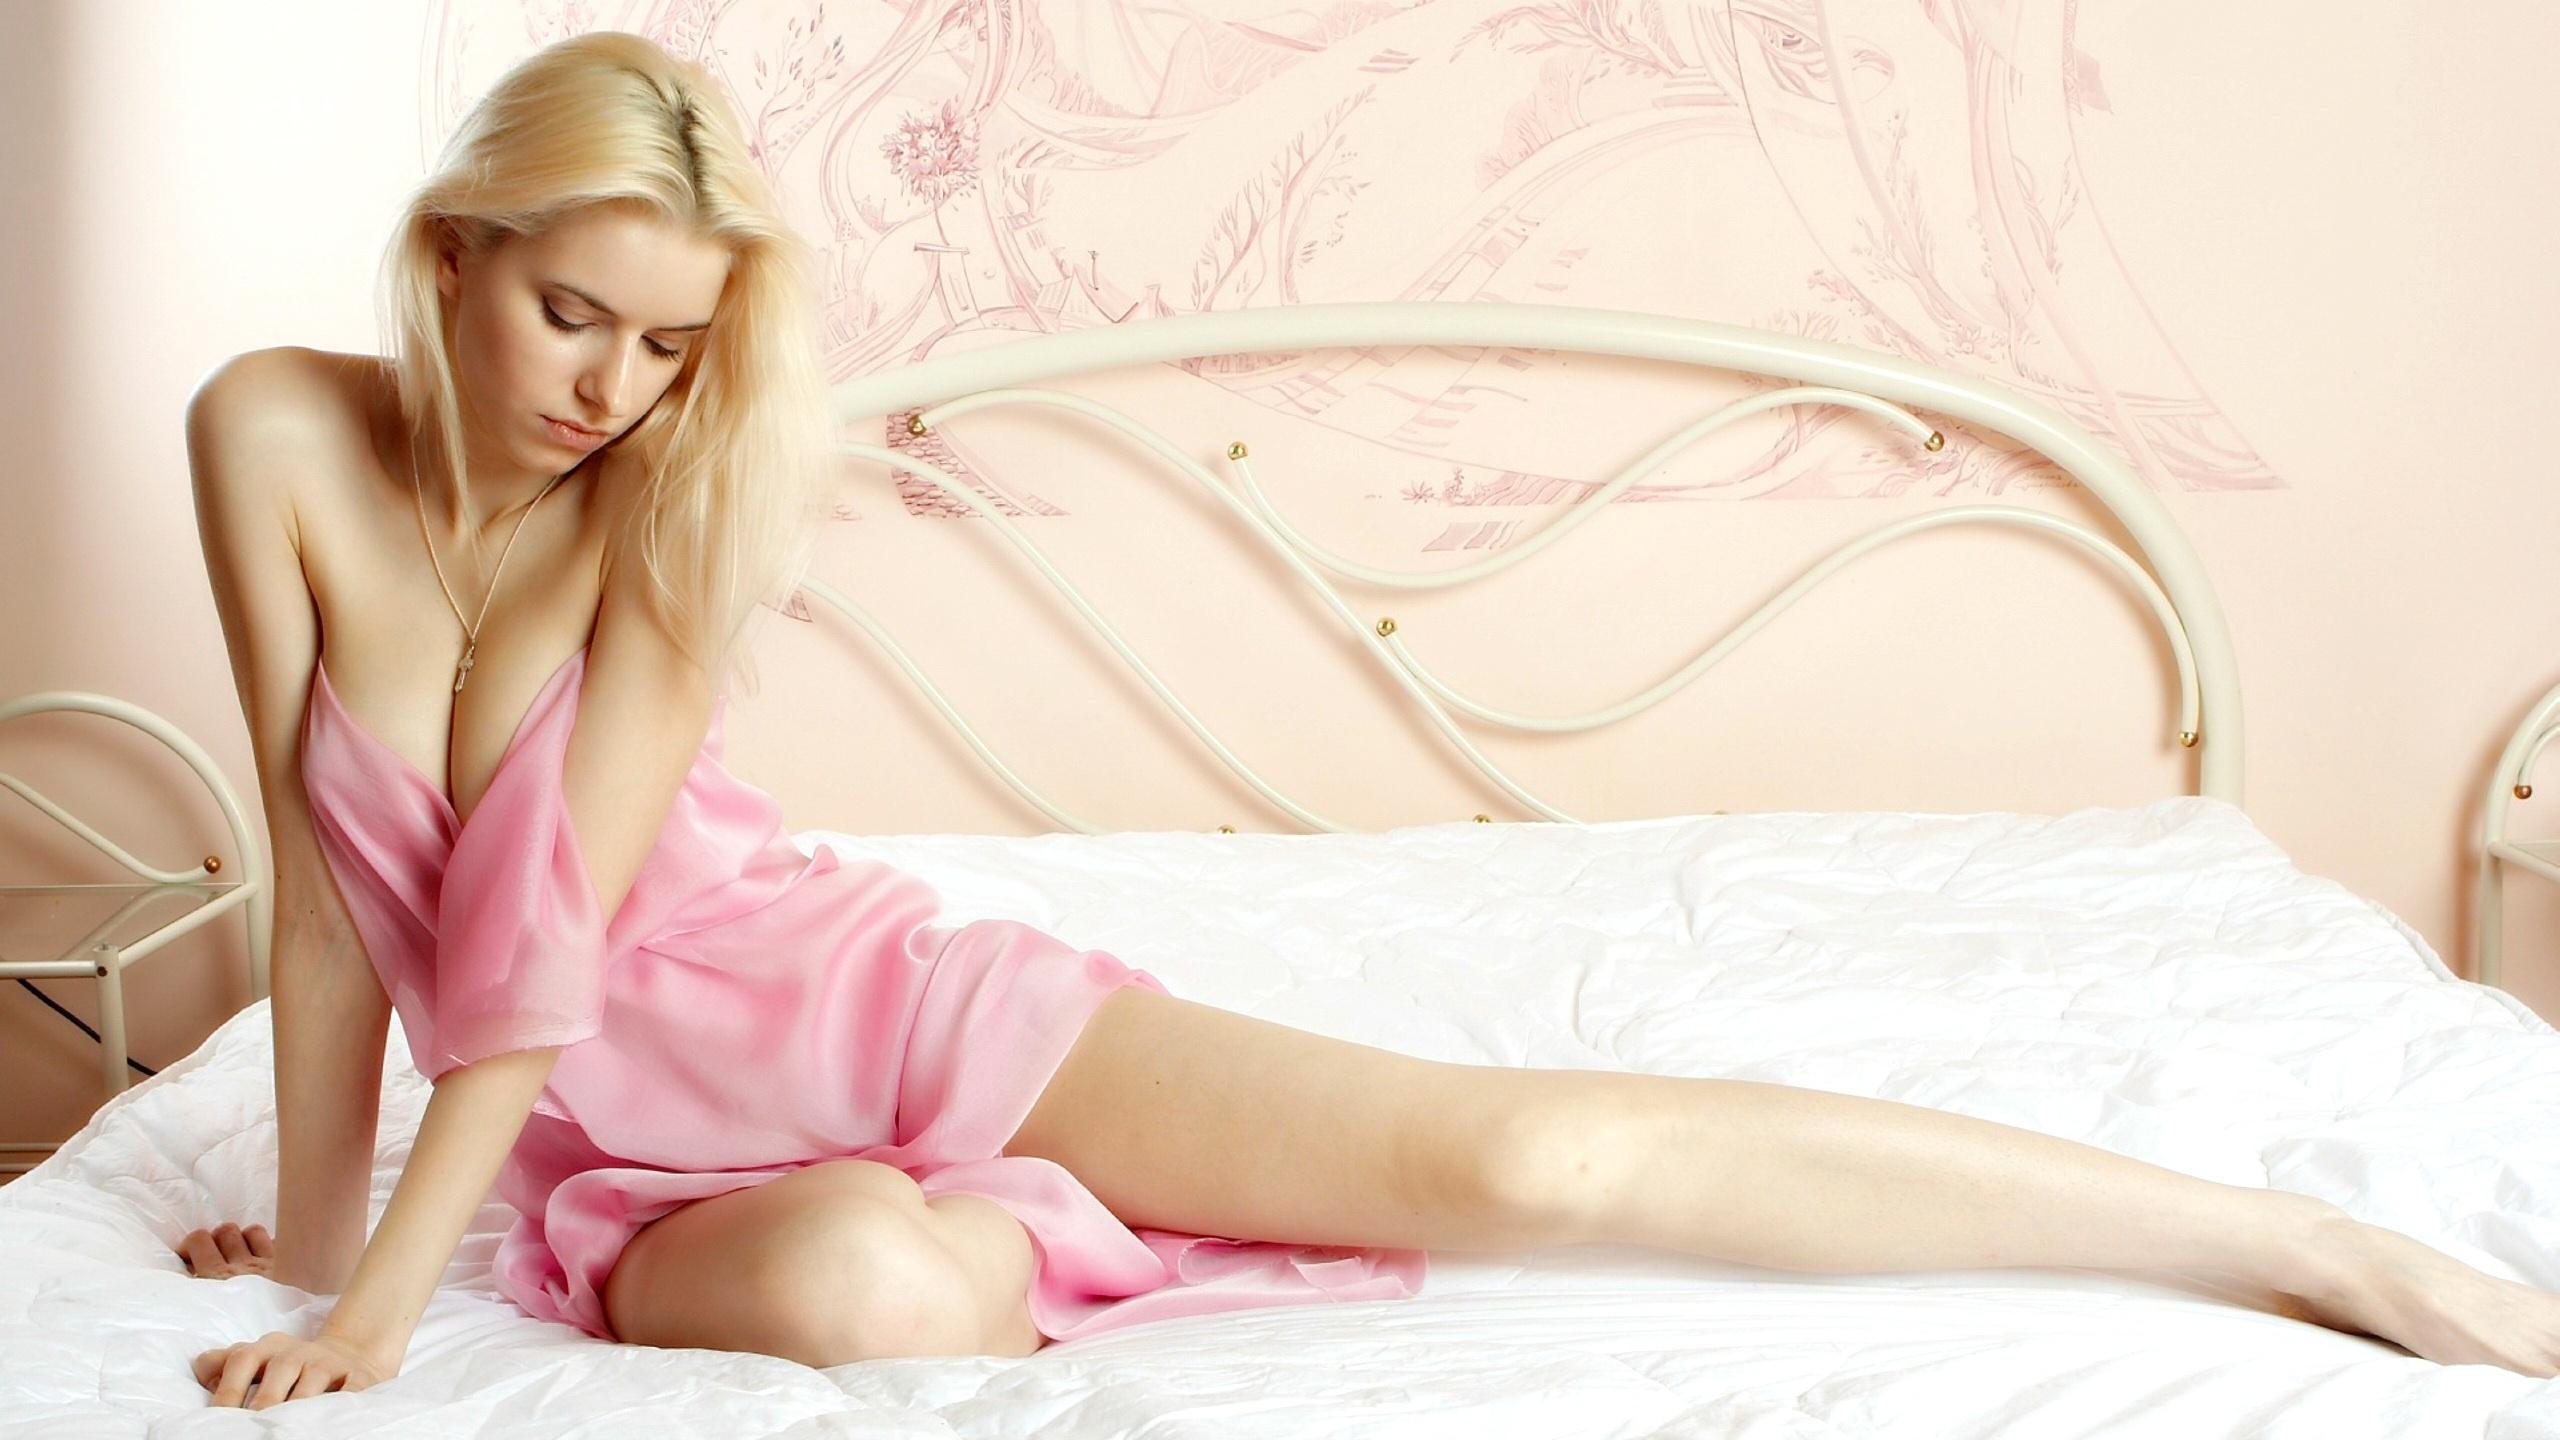 Сексуальные девушки на кровати, Голые в постели и на кровати - фото голых девушек 21 фотография